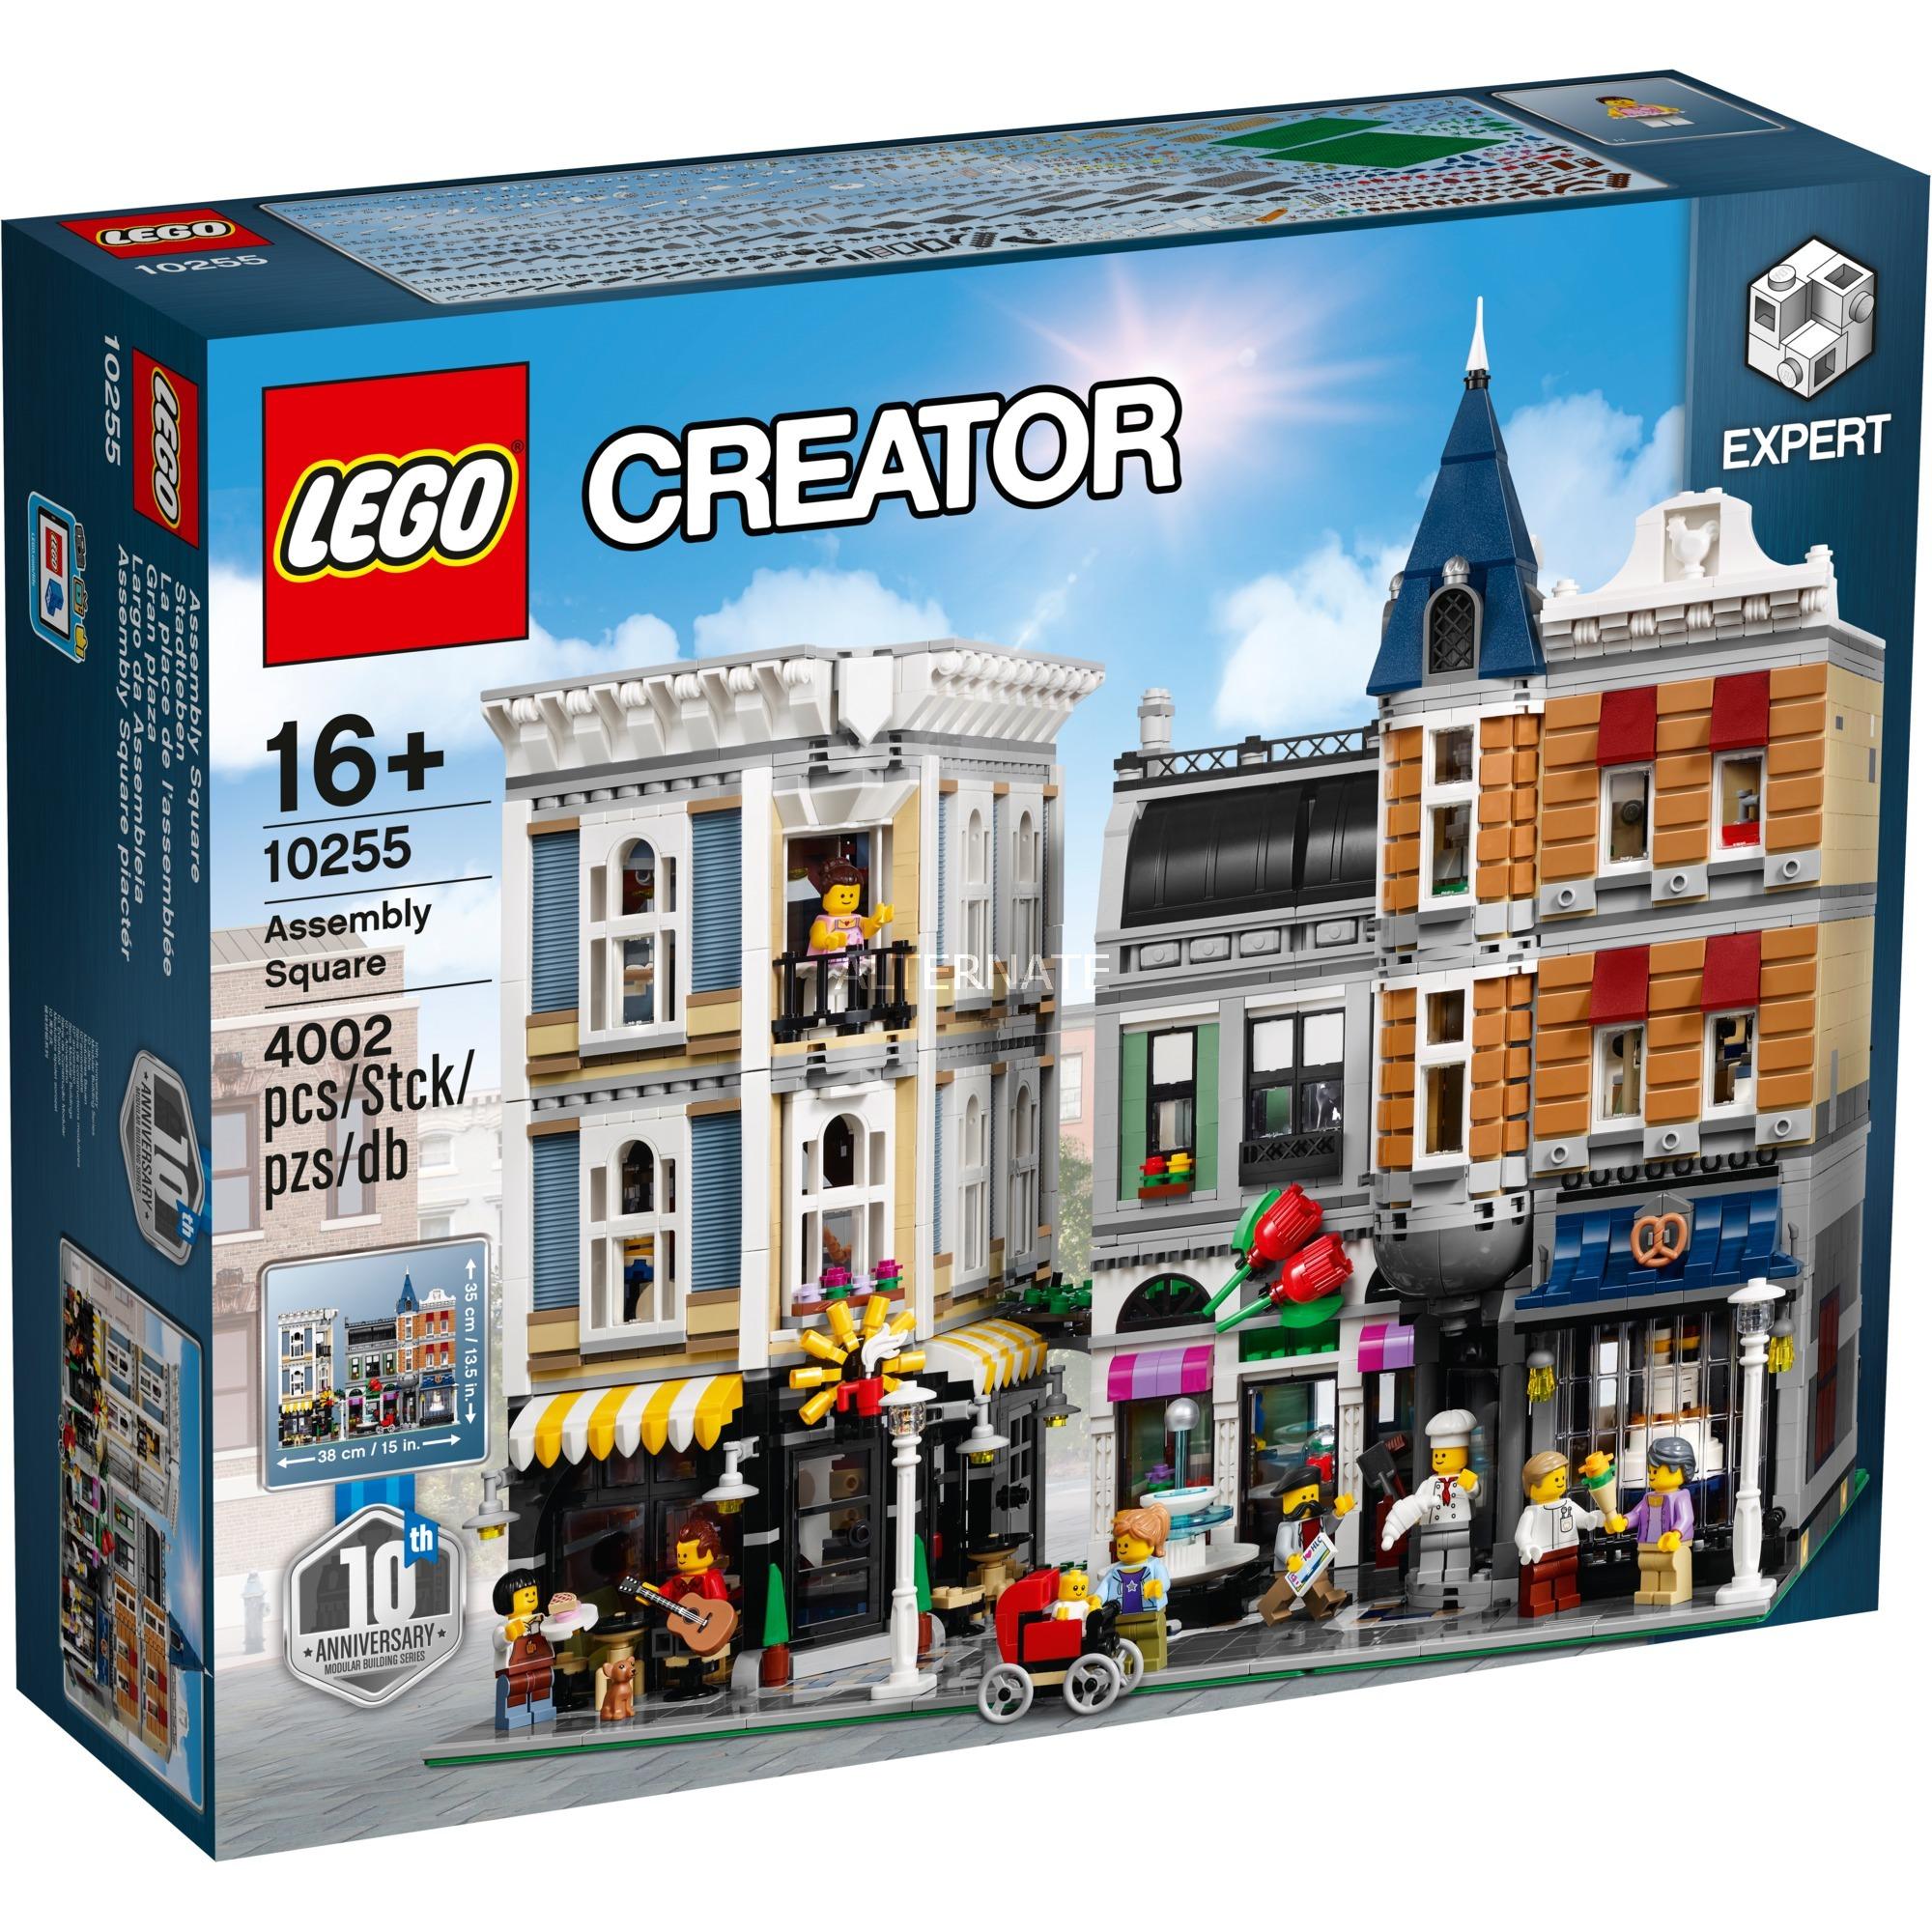 10255, Juegos de construcción